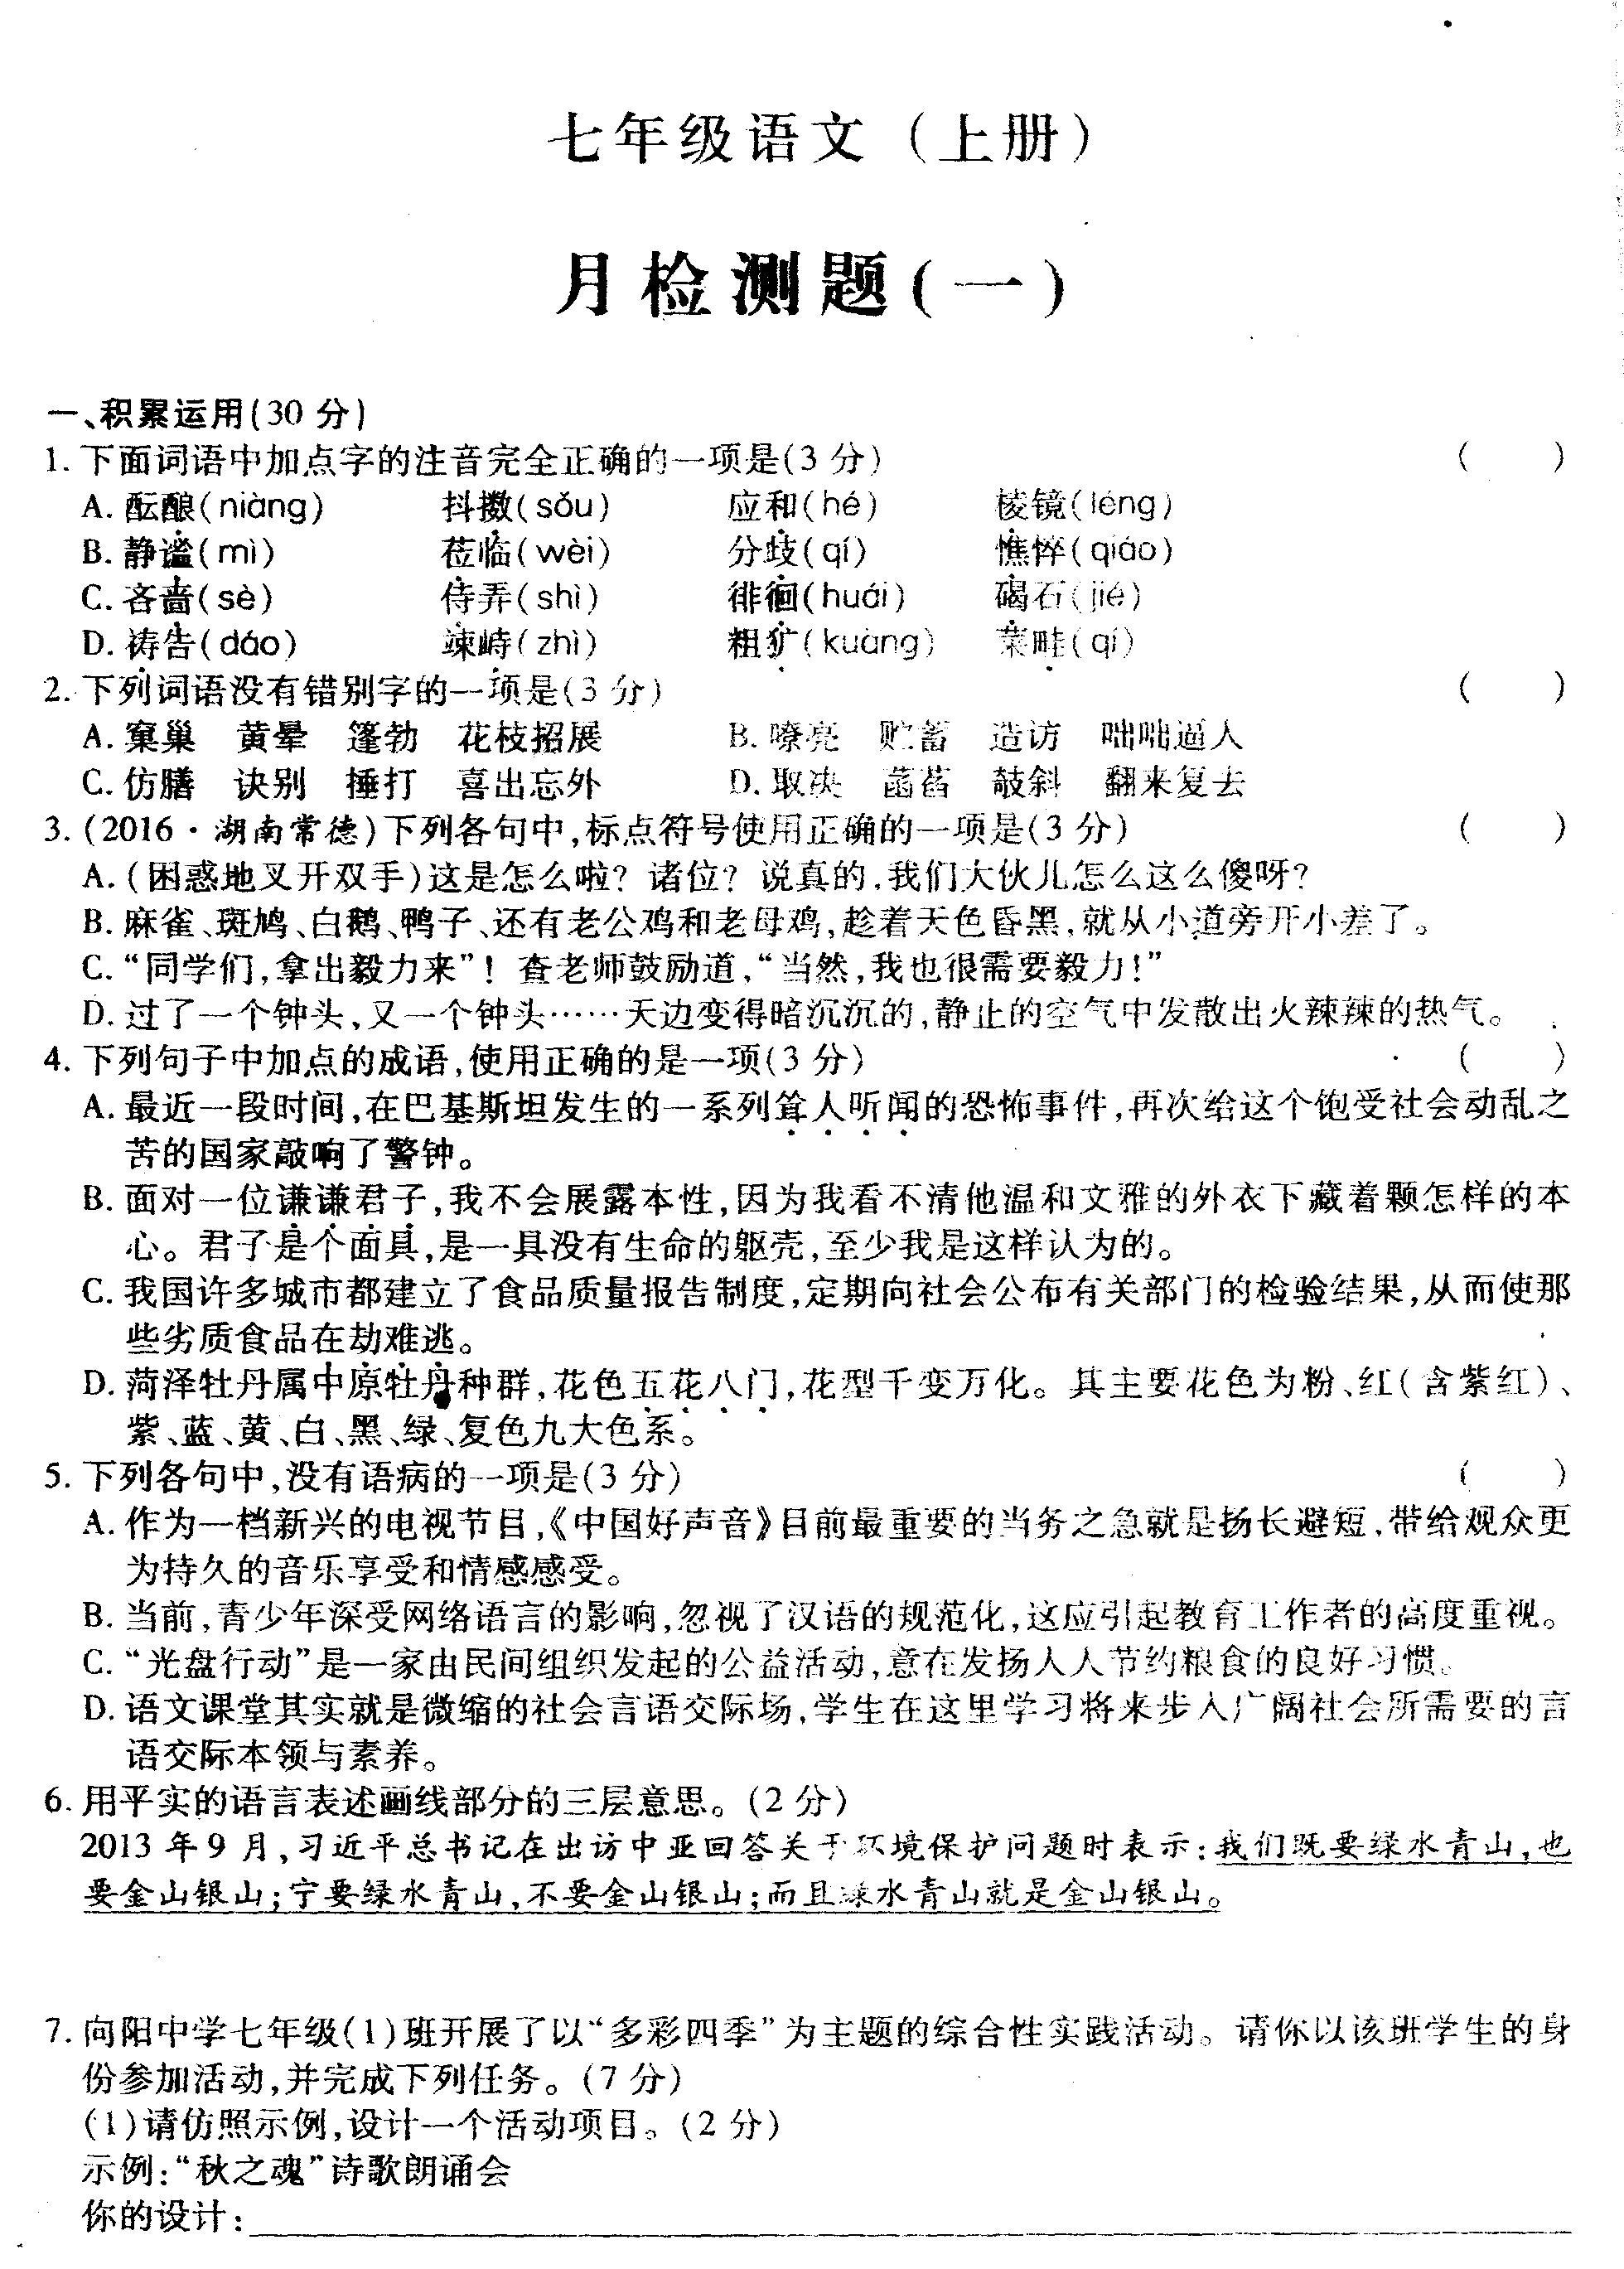 2017-2018山东定陶民族中学初一上第一次月考语文试题1